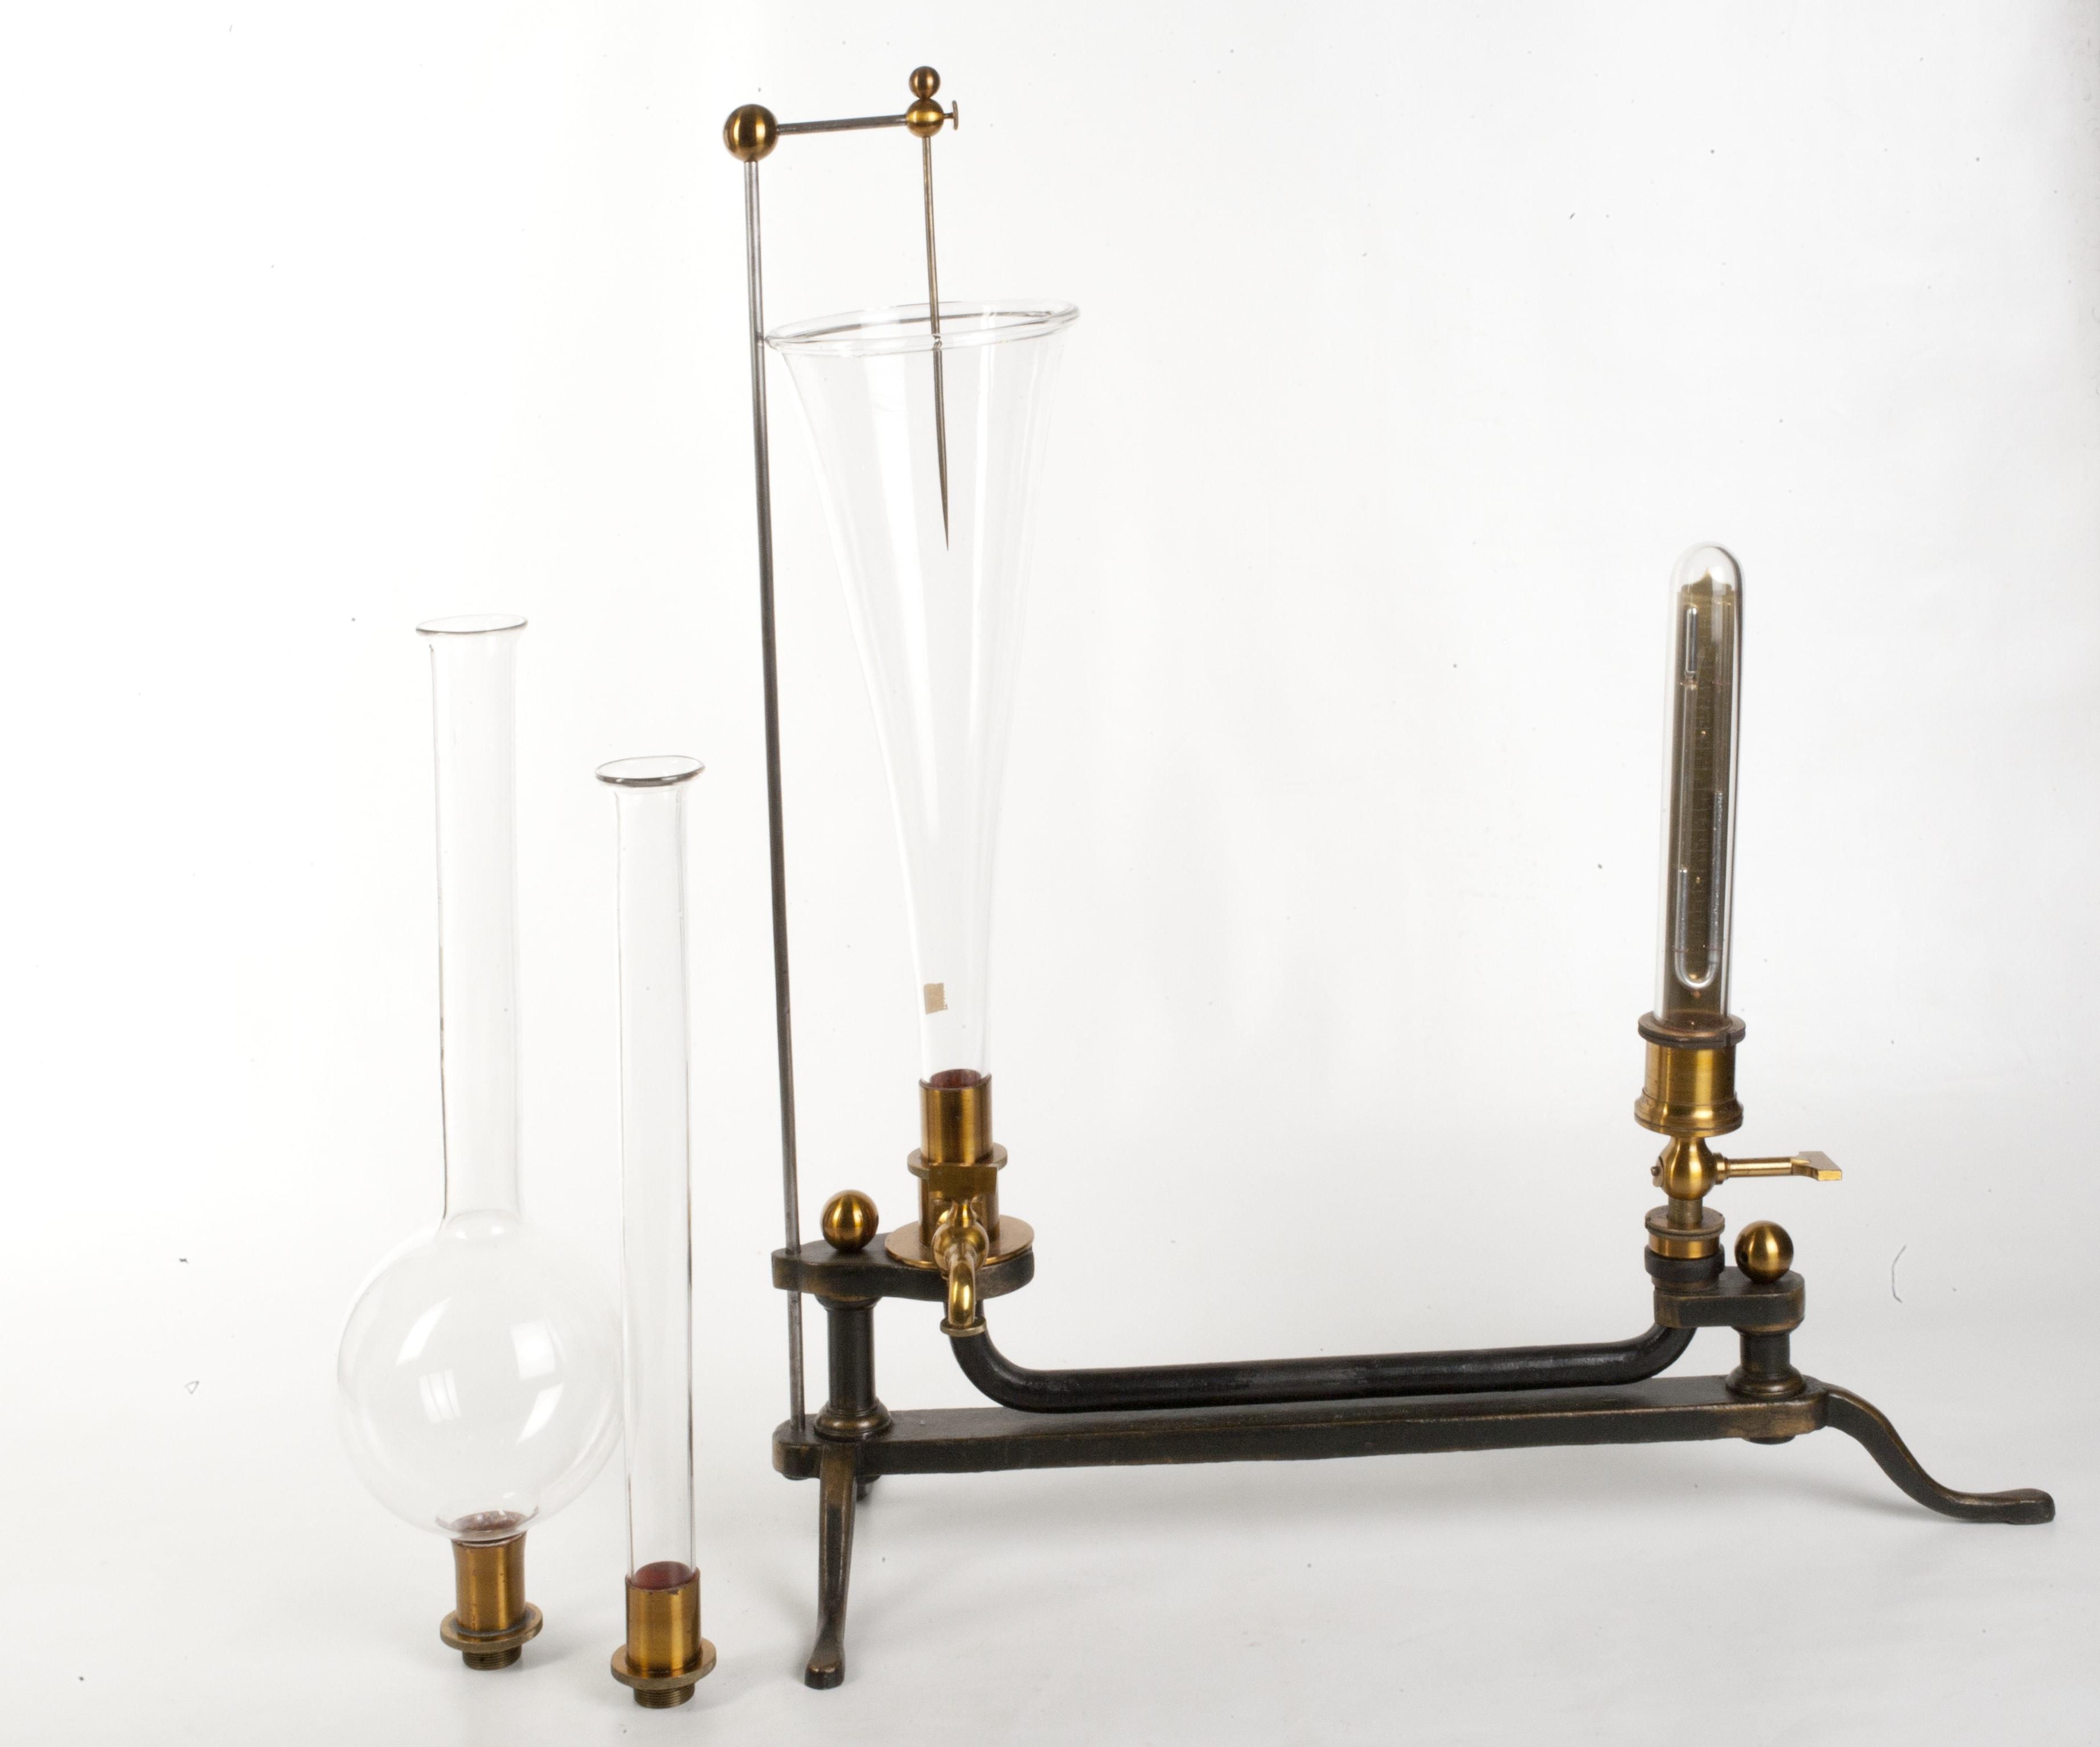 Apparecchio per lo studio della pressione esercitata dai liquidi sul fondo dei recipienti